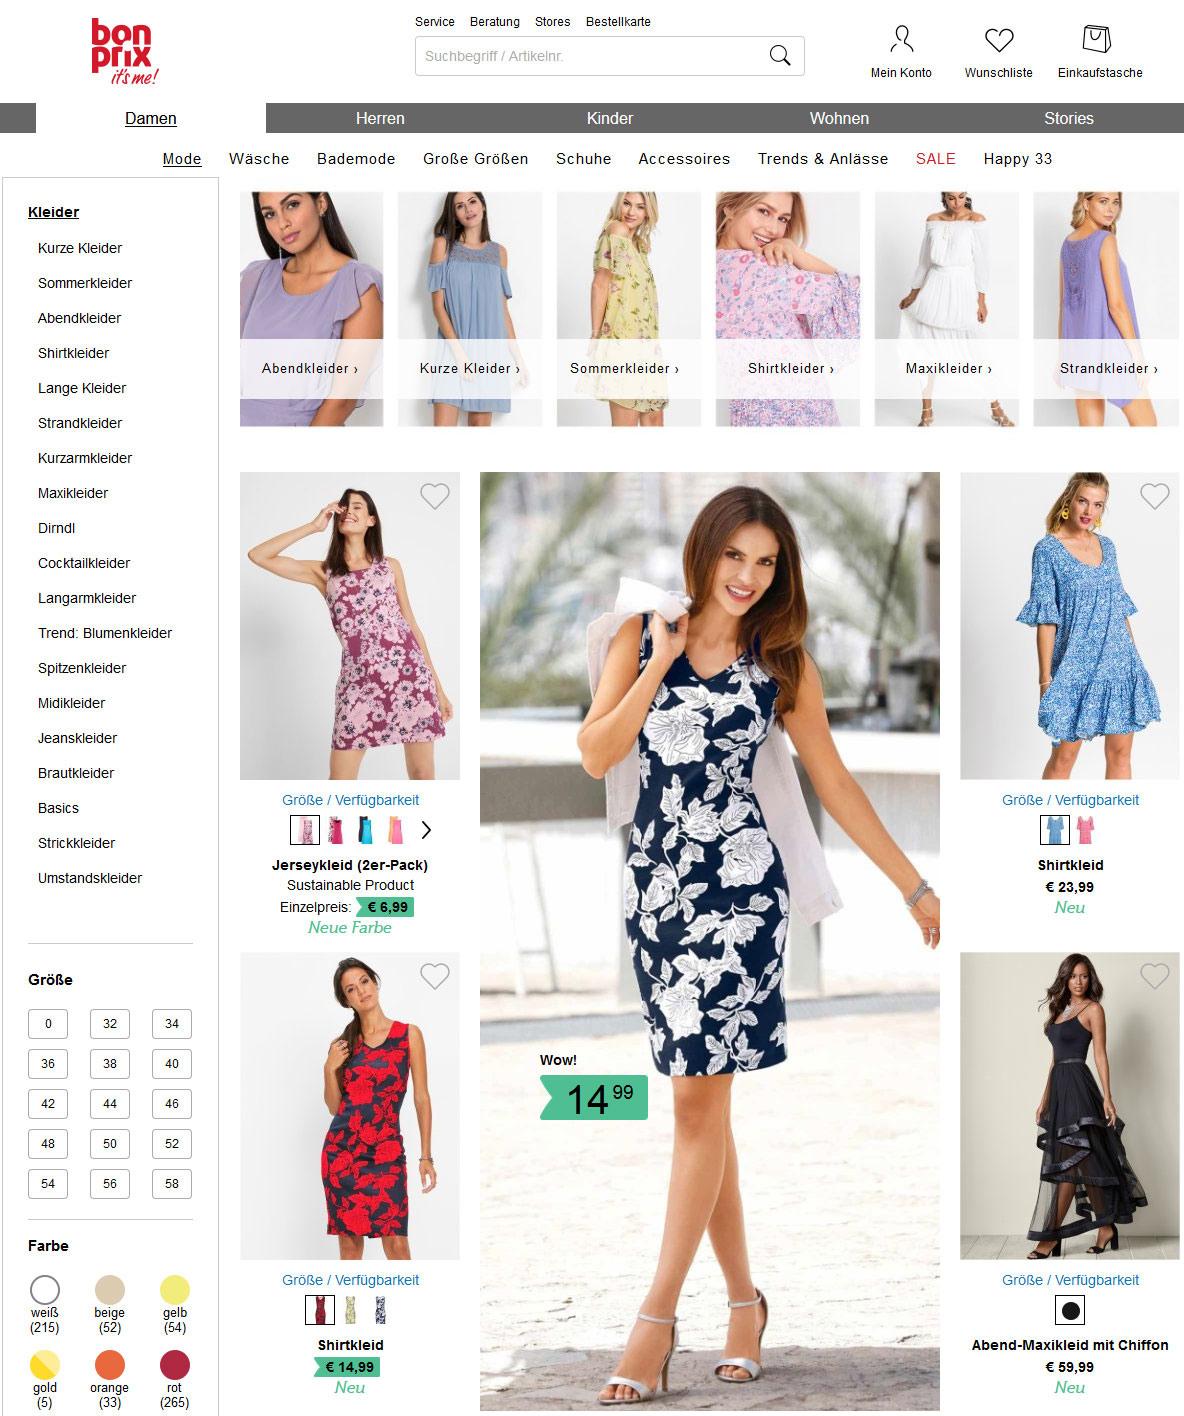 Abend Erstaunlich Abendkleider Quelle Design10 Luxus Abendkleider Quelle Spezialgebiet